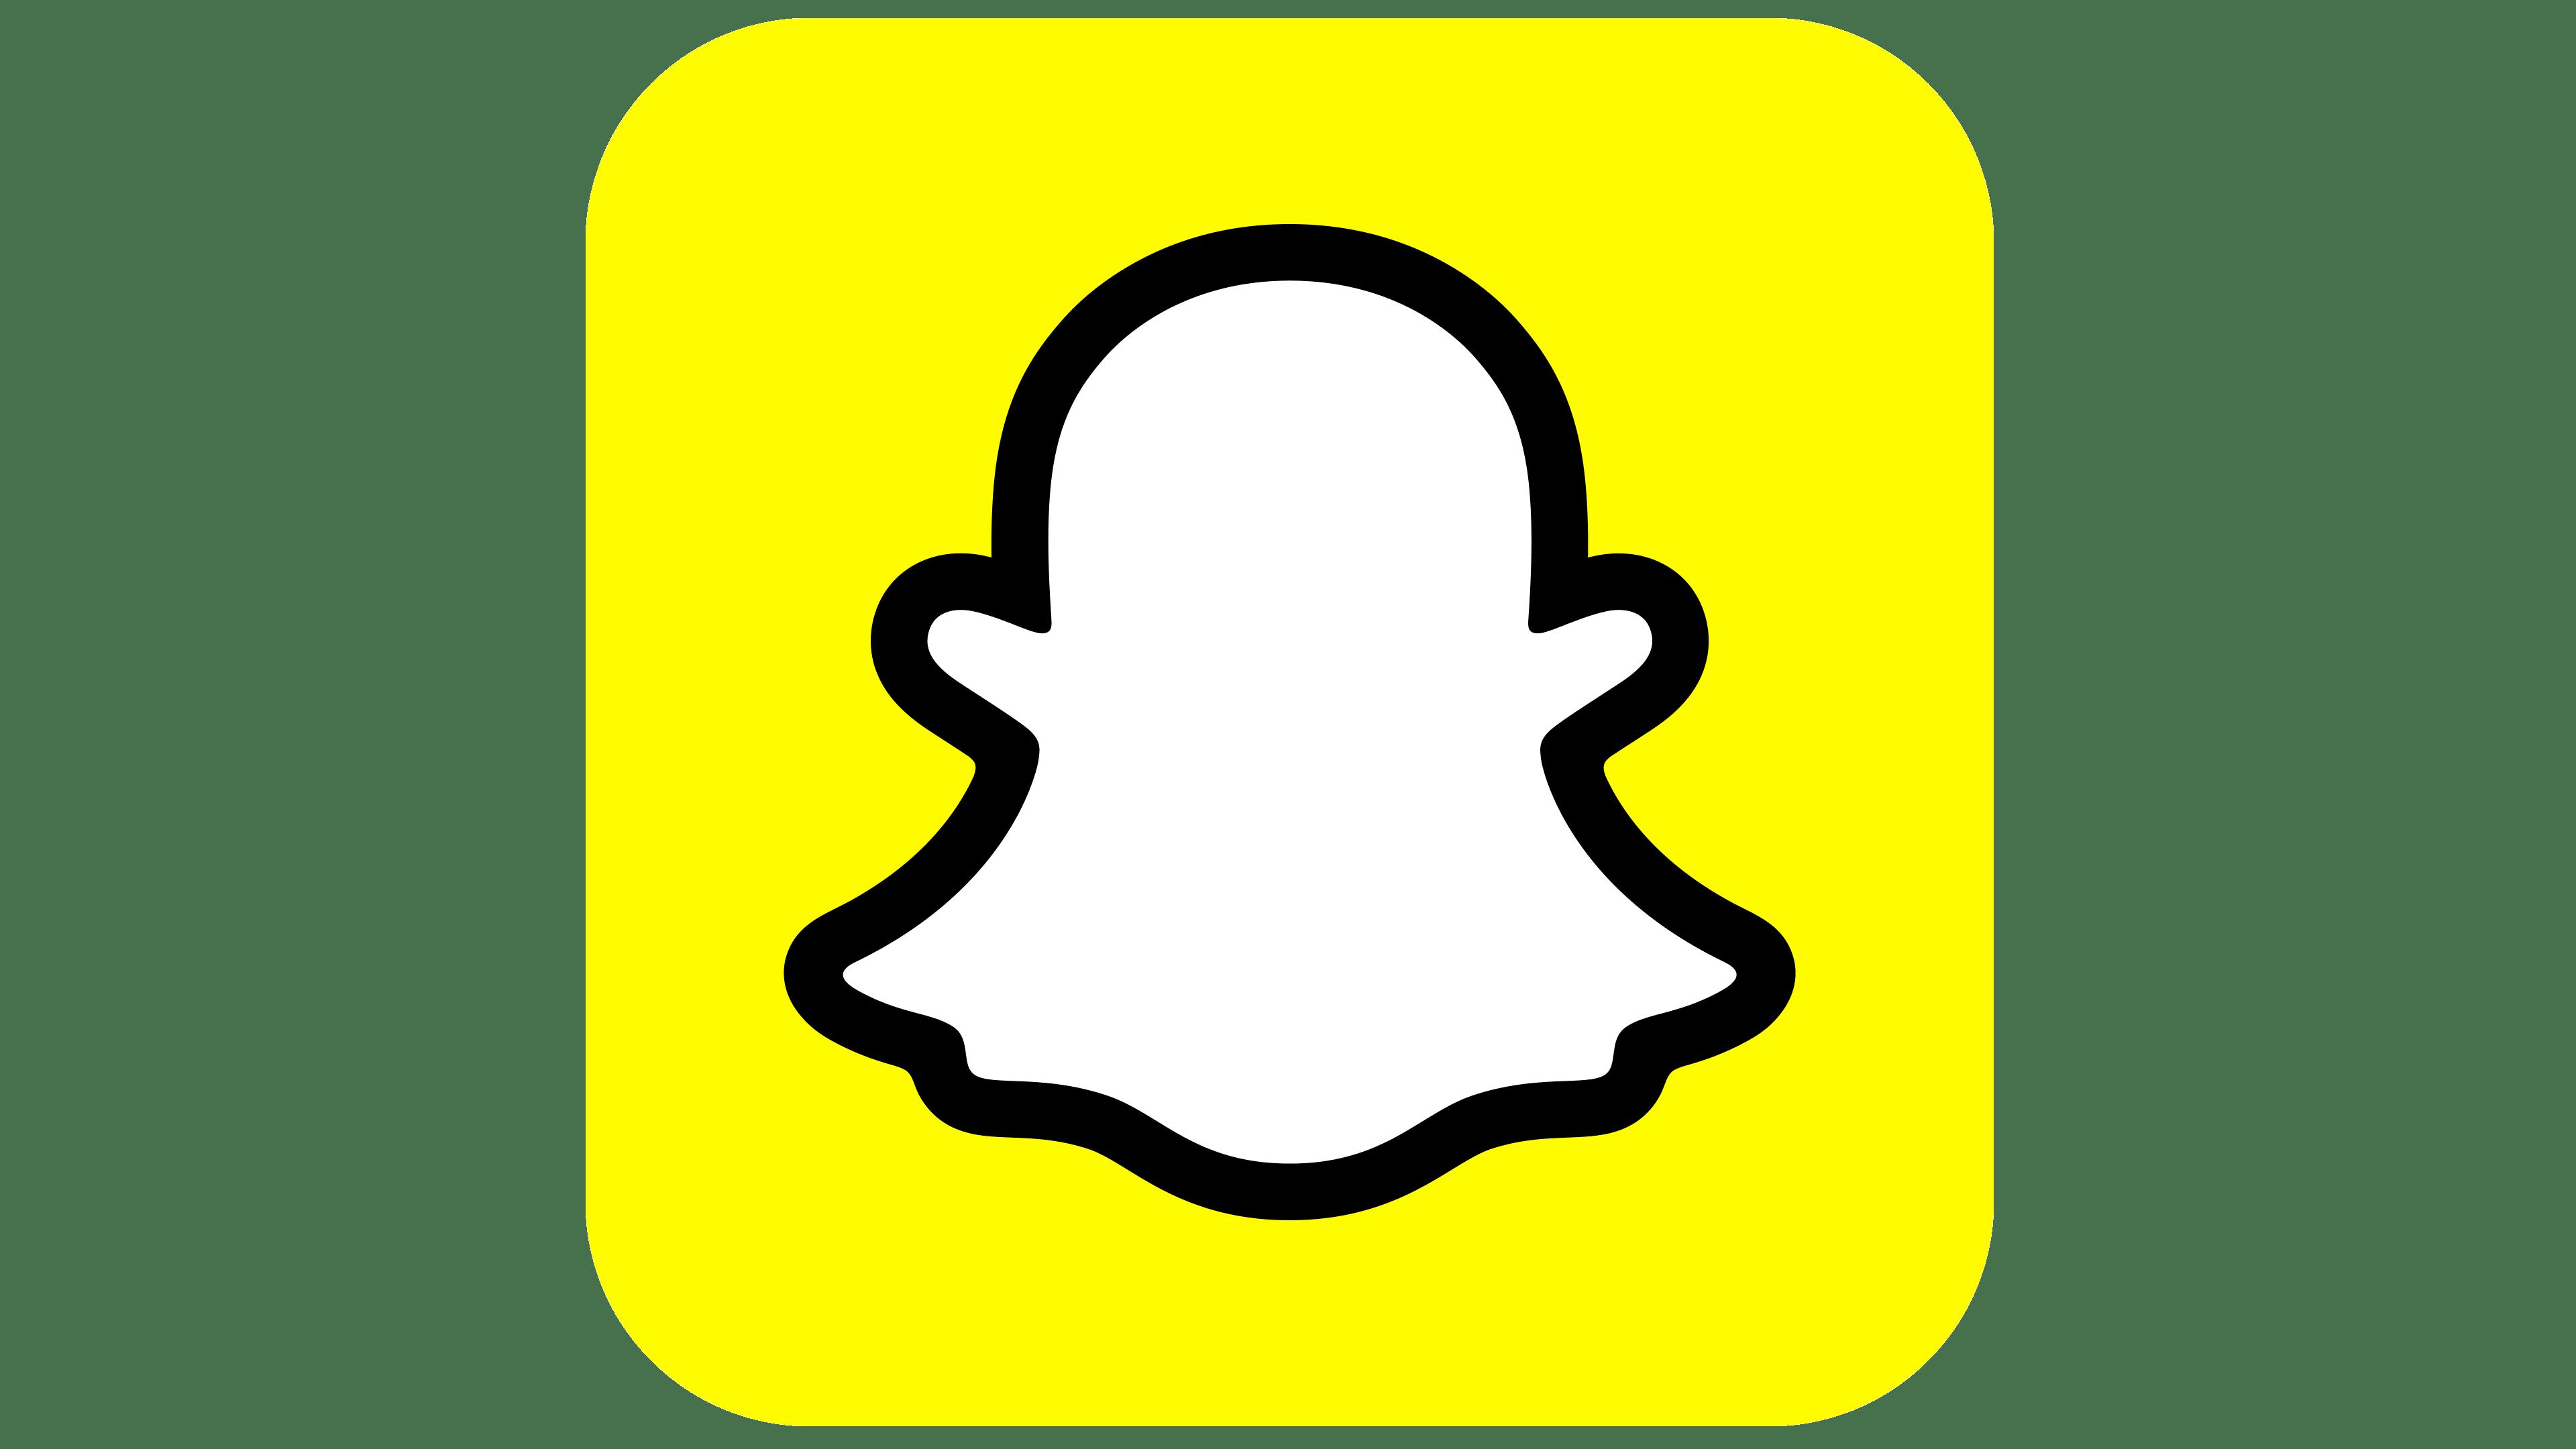 Snap - Snapchat